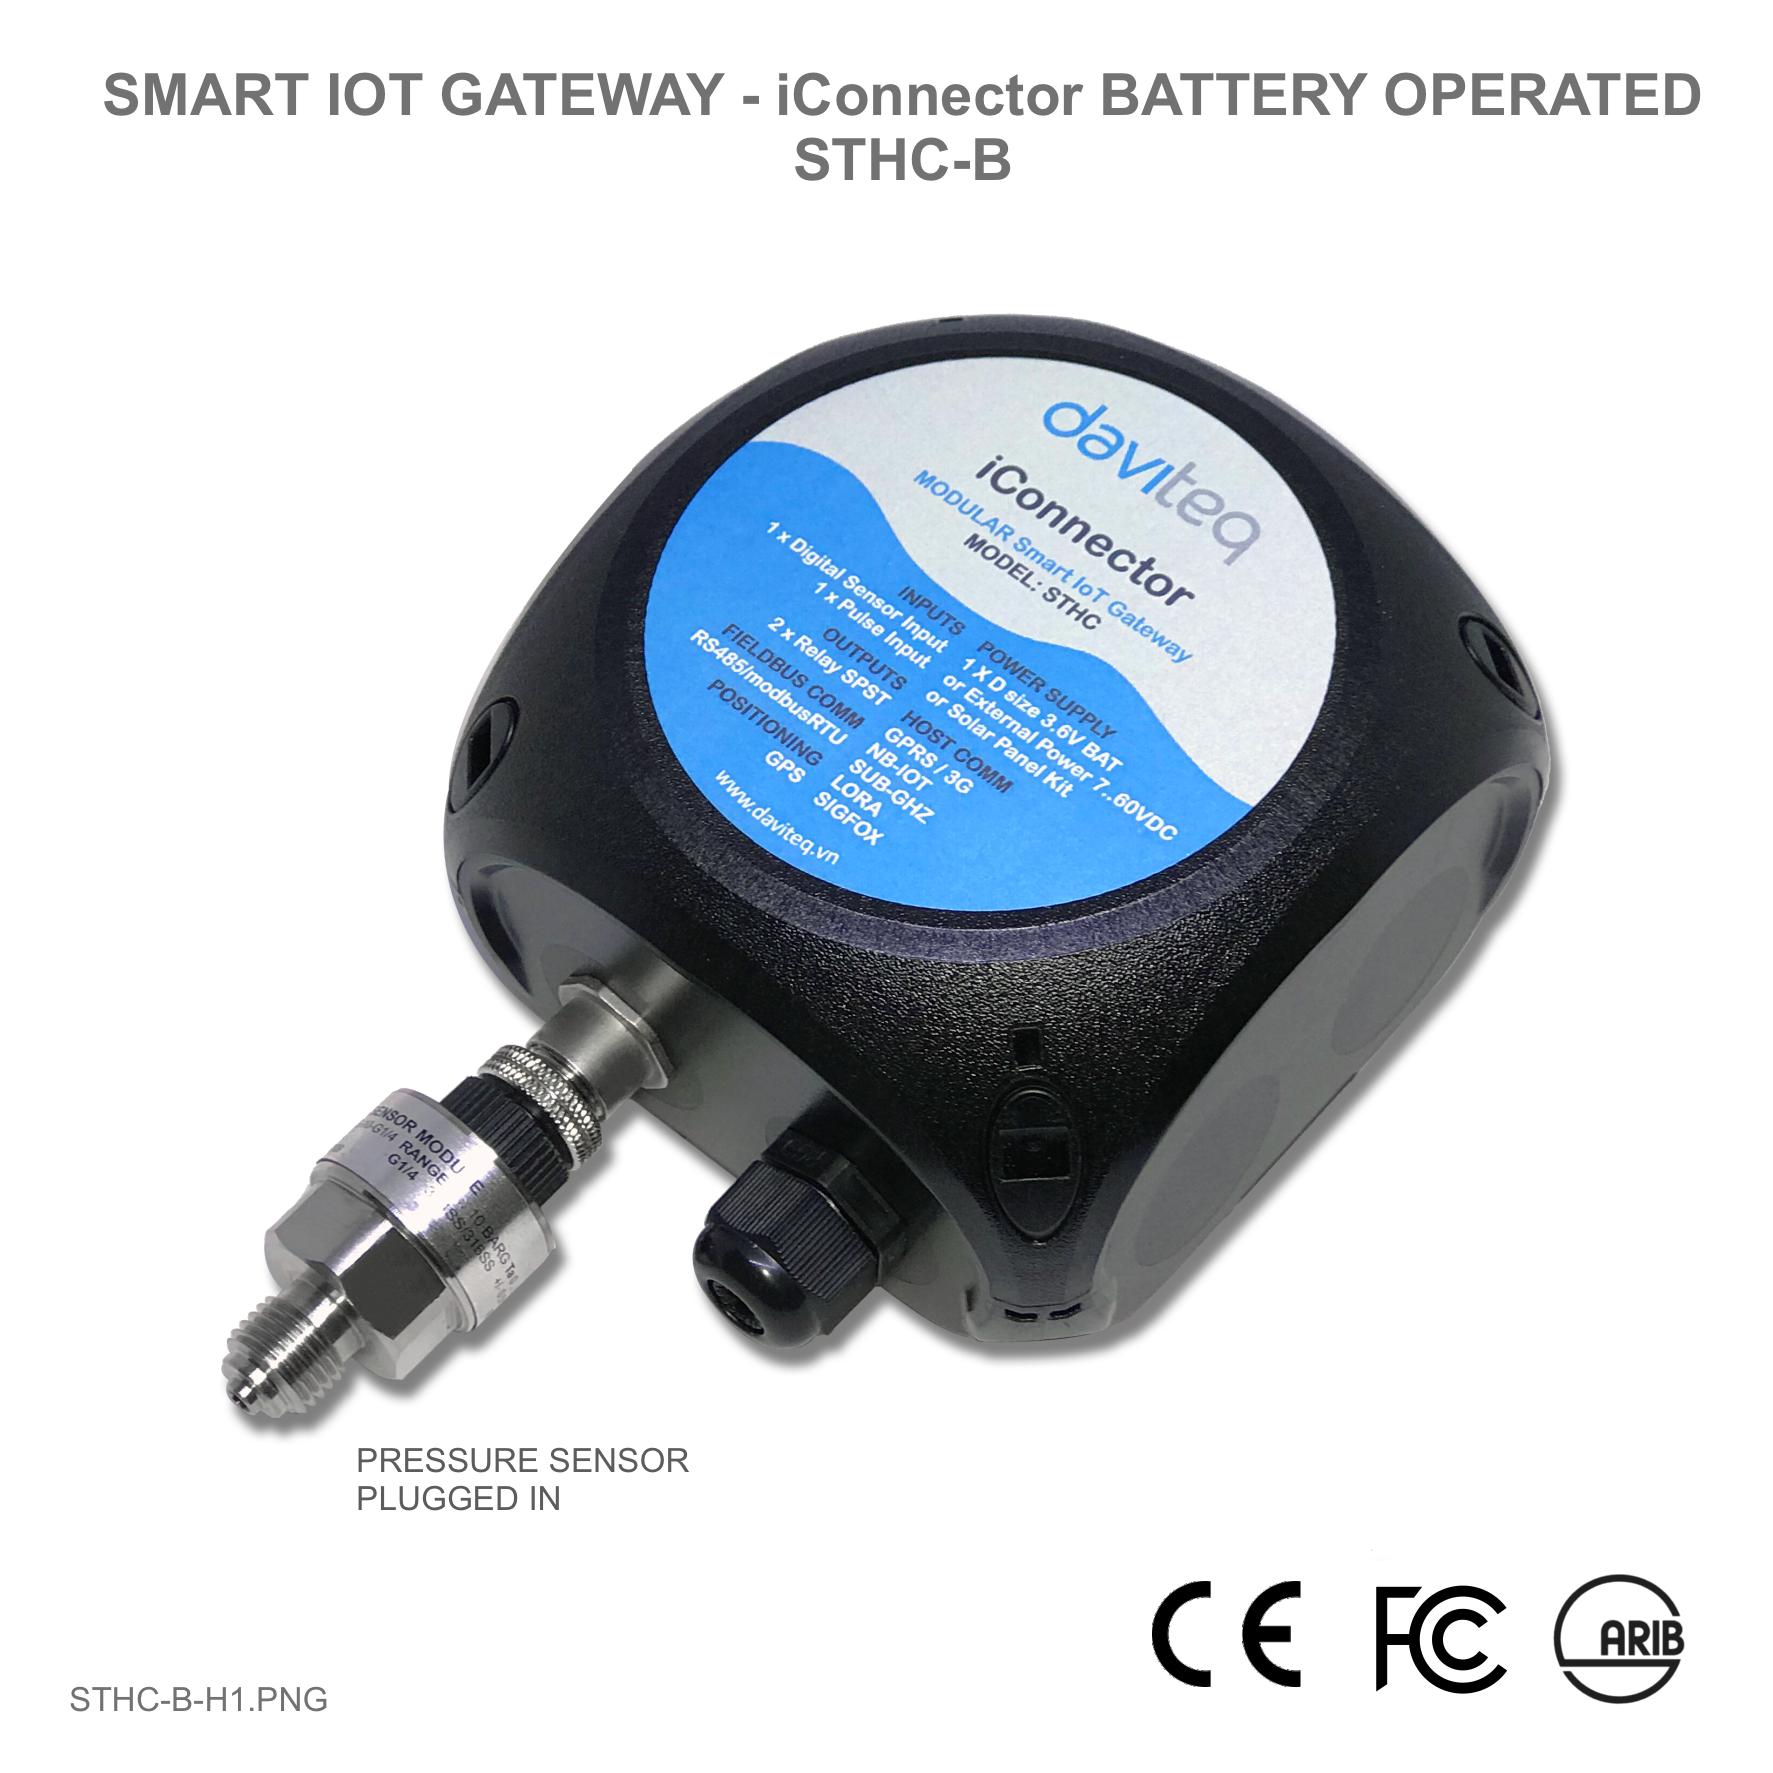 Bộ IoT Gateway thông minh - iConnector sử dụng PIN